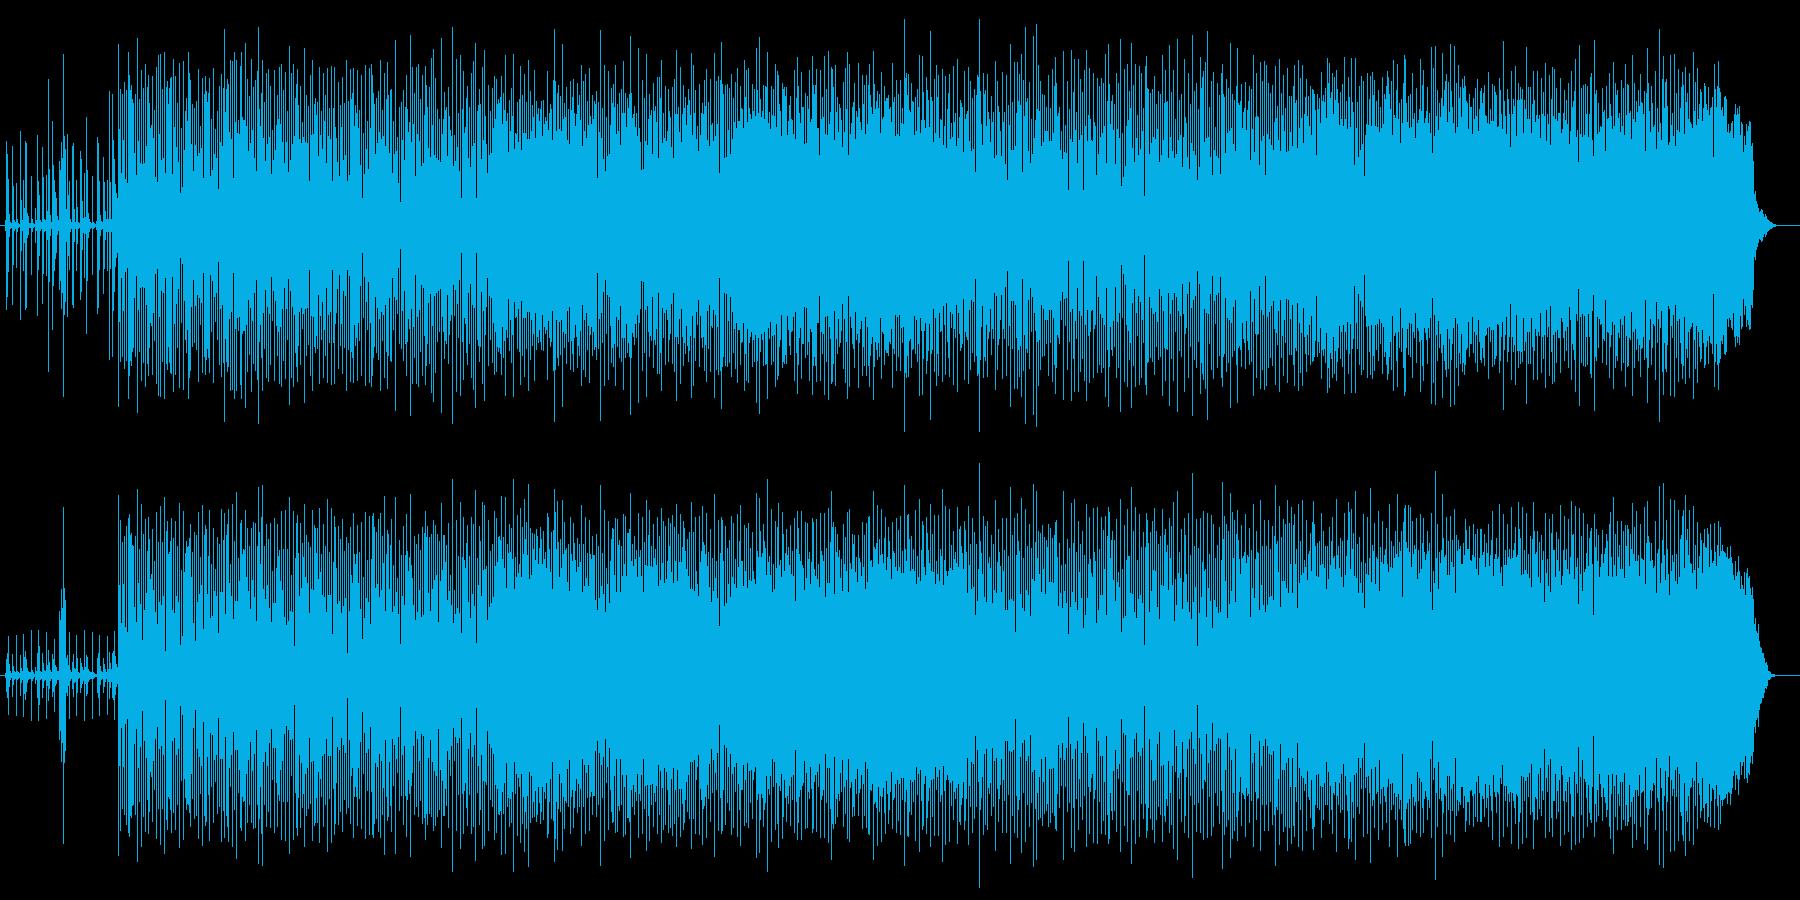 かっこいいお洒落なギターの効いた曲の再生済みの波形